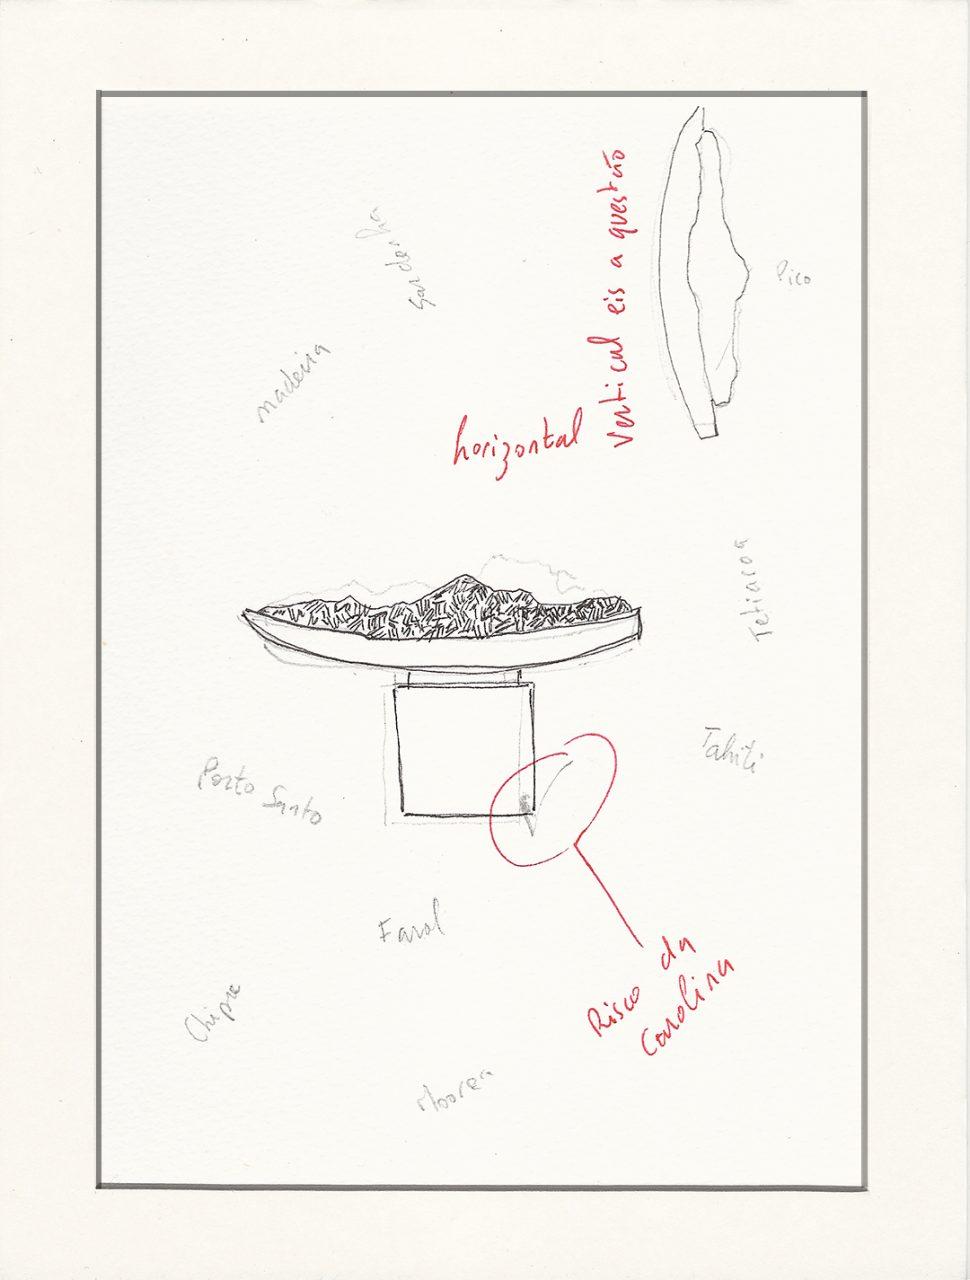 Desenhos orientados - Thierry Ferreira